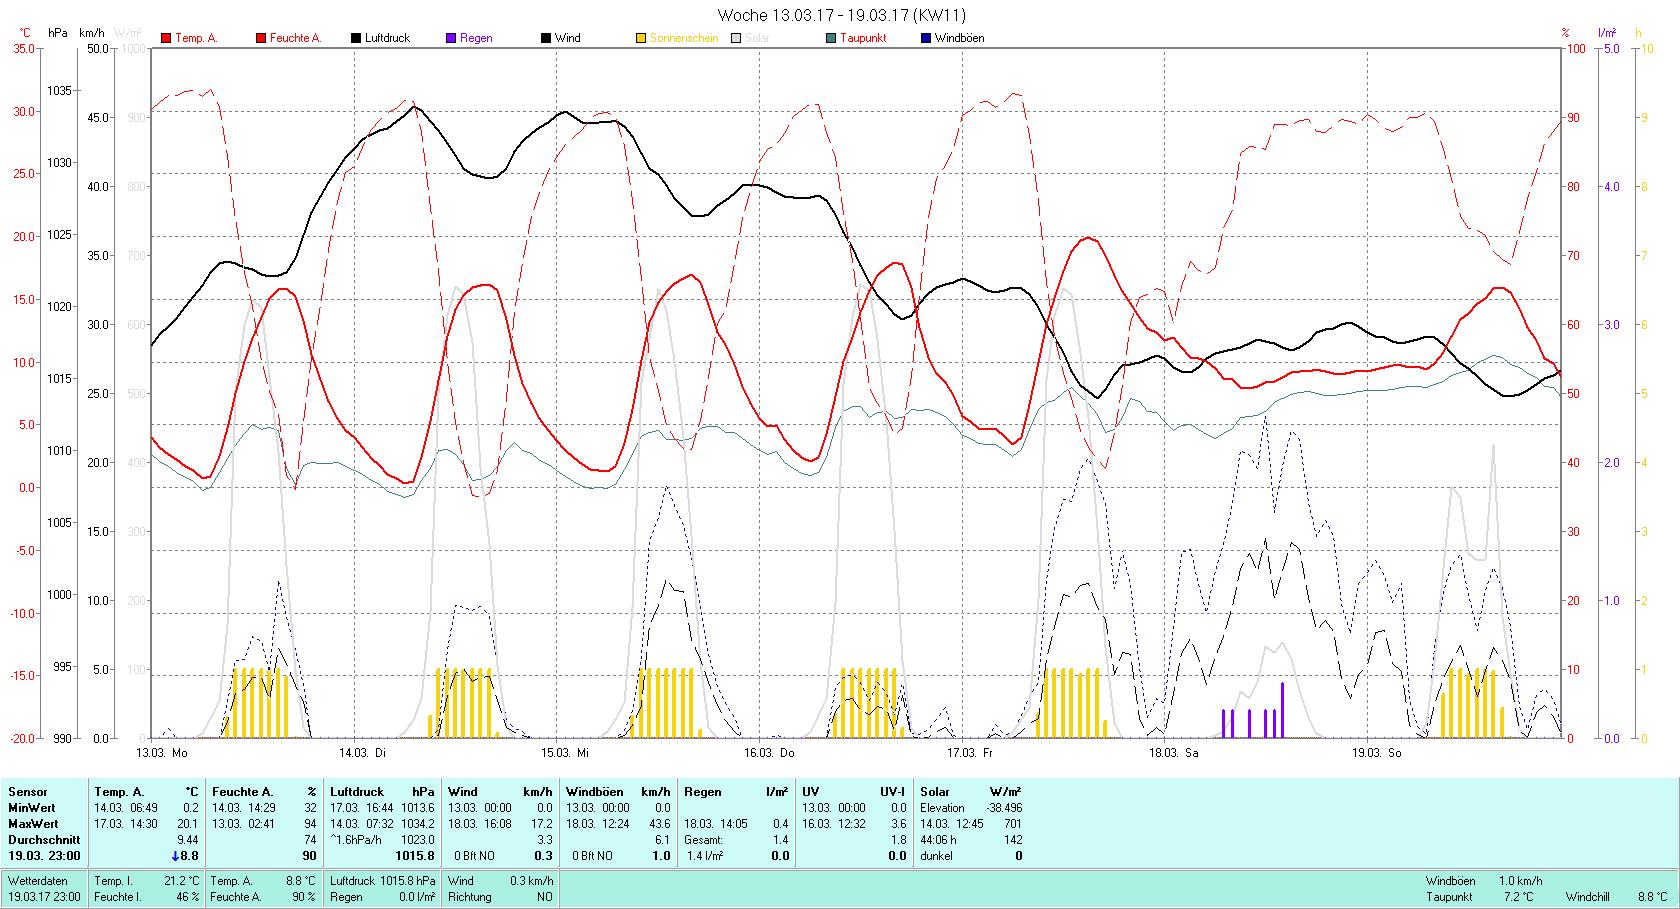 KW 11 Tmin 0.2°C, Tmax 20.1°C, Sonne 44:06h, Niederschlag 1.4mm/2